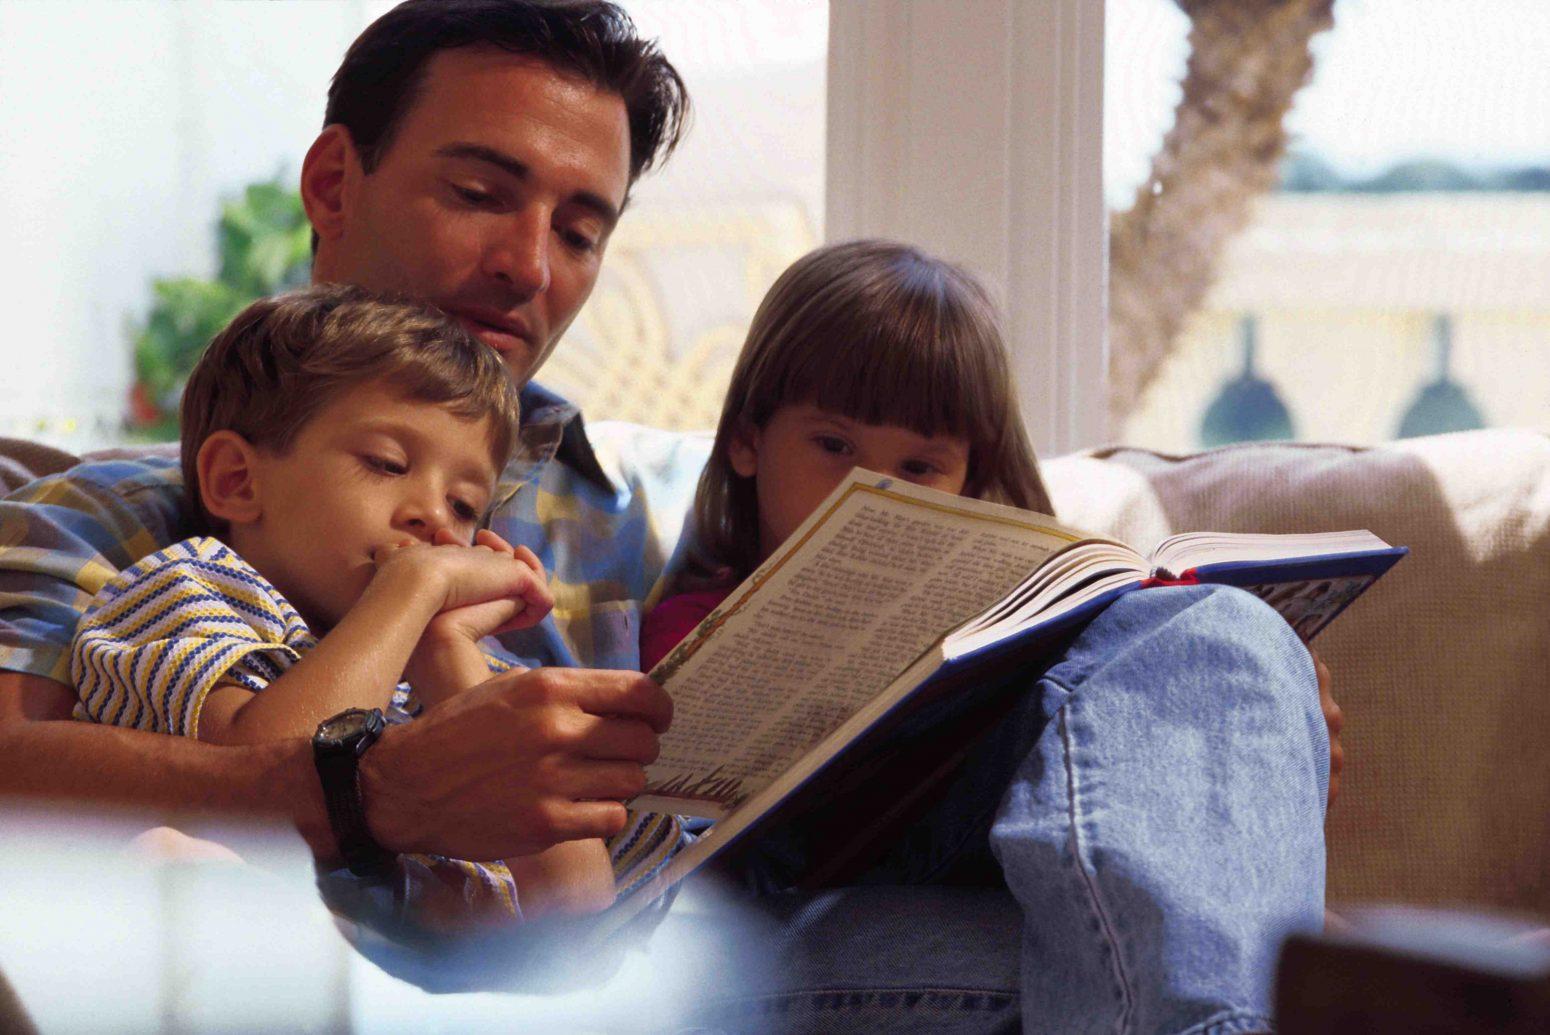 Папа читает детям книгу